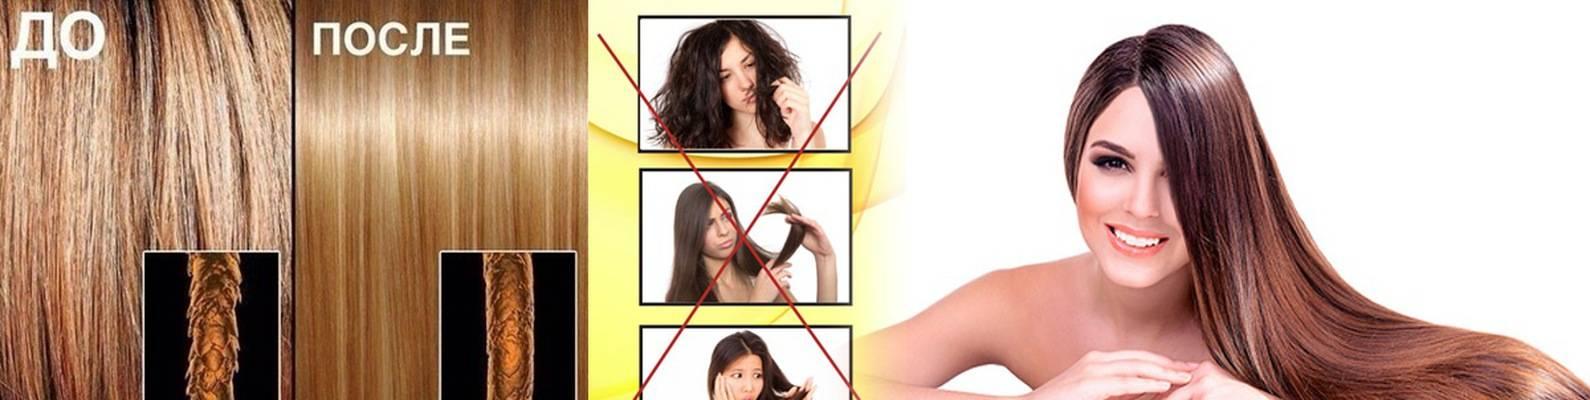 Насадка для полировки волос на какие машинки подходит: на какие машинки она подходит? как правильно пользоваться узкой насадкой? – машинка для полировки волос — какие подходят и как делать в домашних условиях?